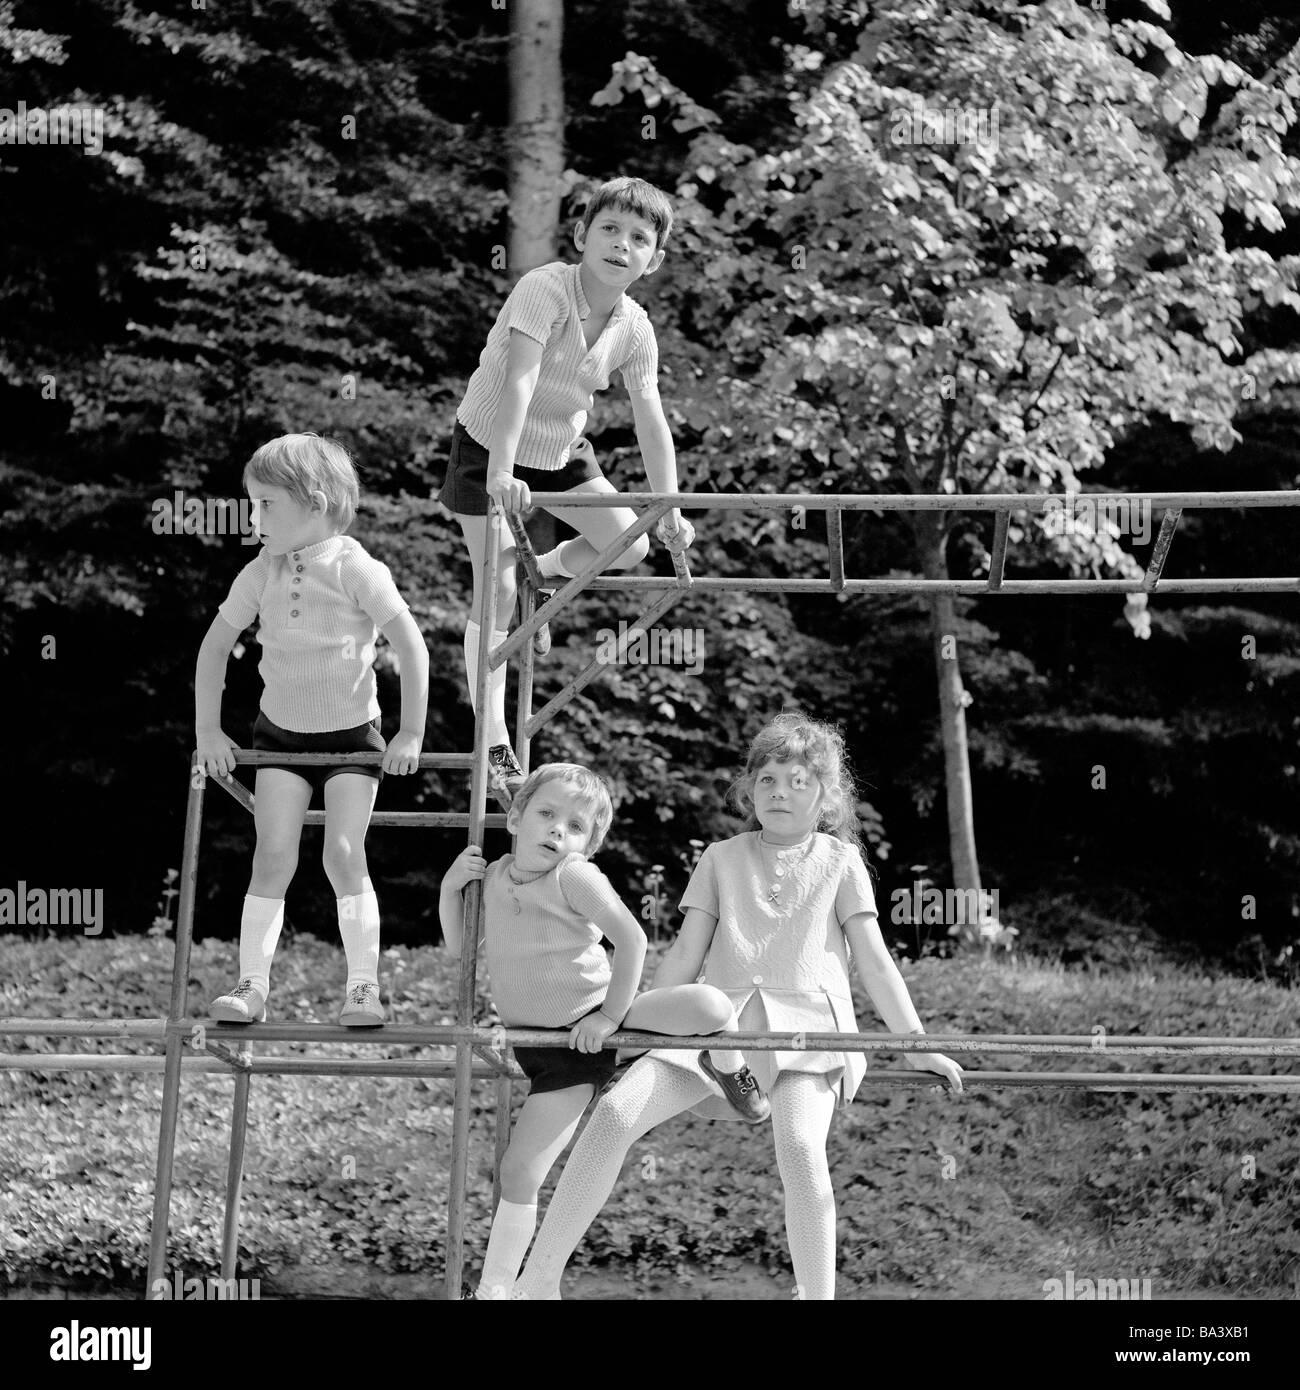 ann u00e9es 70  photo en noir et blanc  les gens  les enfants  petite fille et trois petits gar u00e7ons